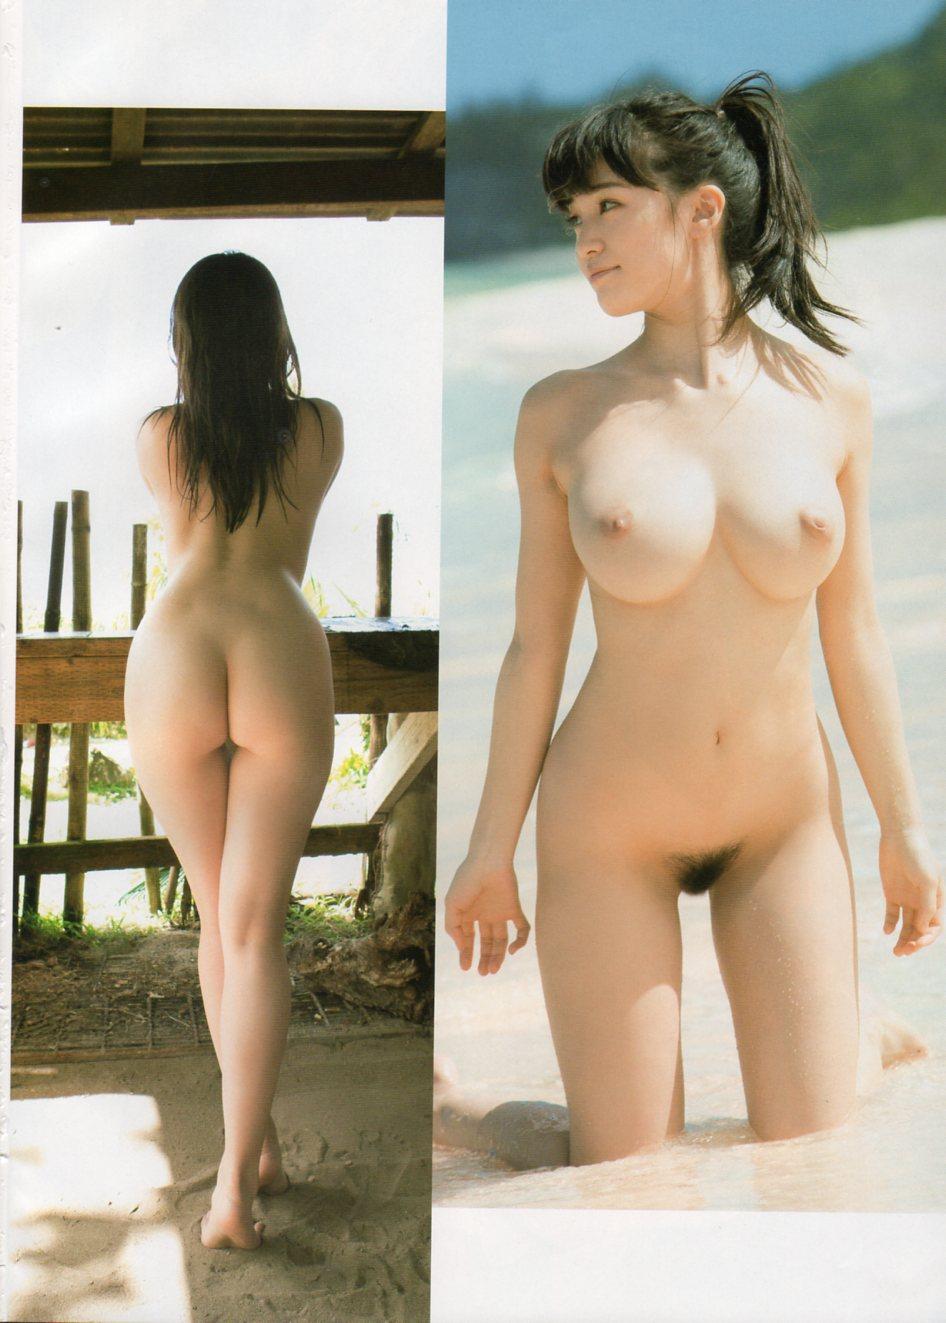 image http://scanlover.com/assets/images/1170-8JpgdaGUXOZRob4T.jpeg